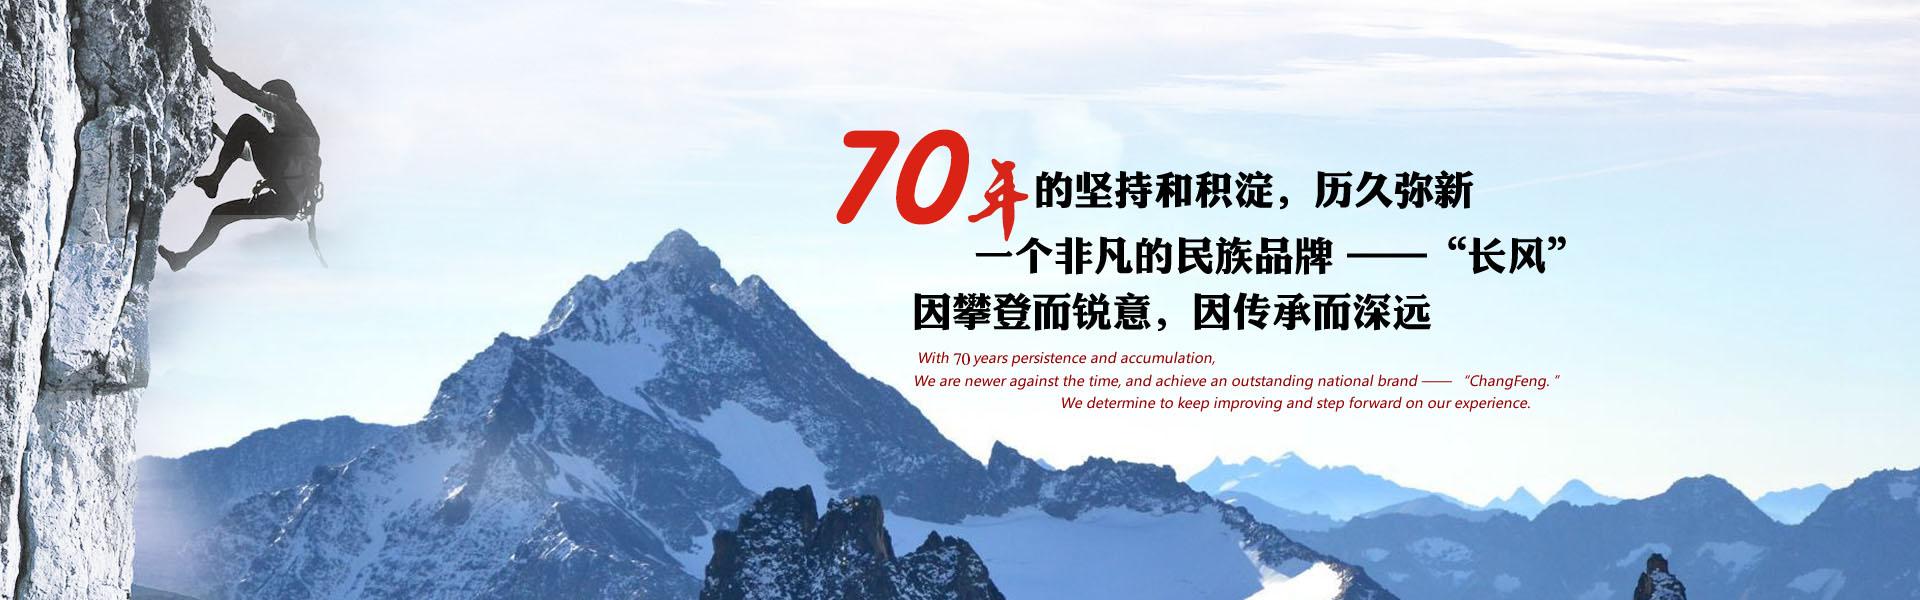 長沙(sha)鼓風機廠有限(xian)責任公司